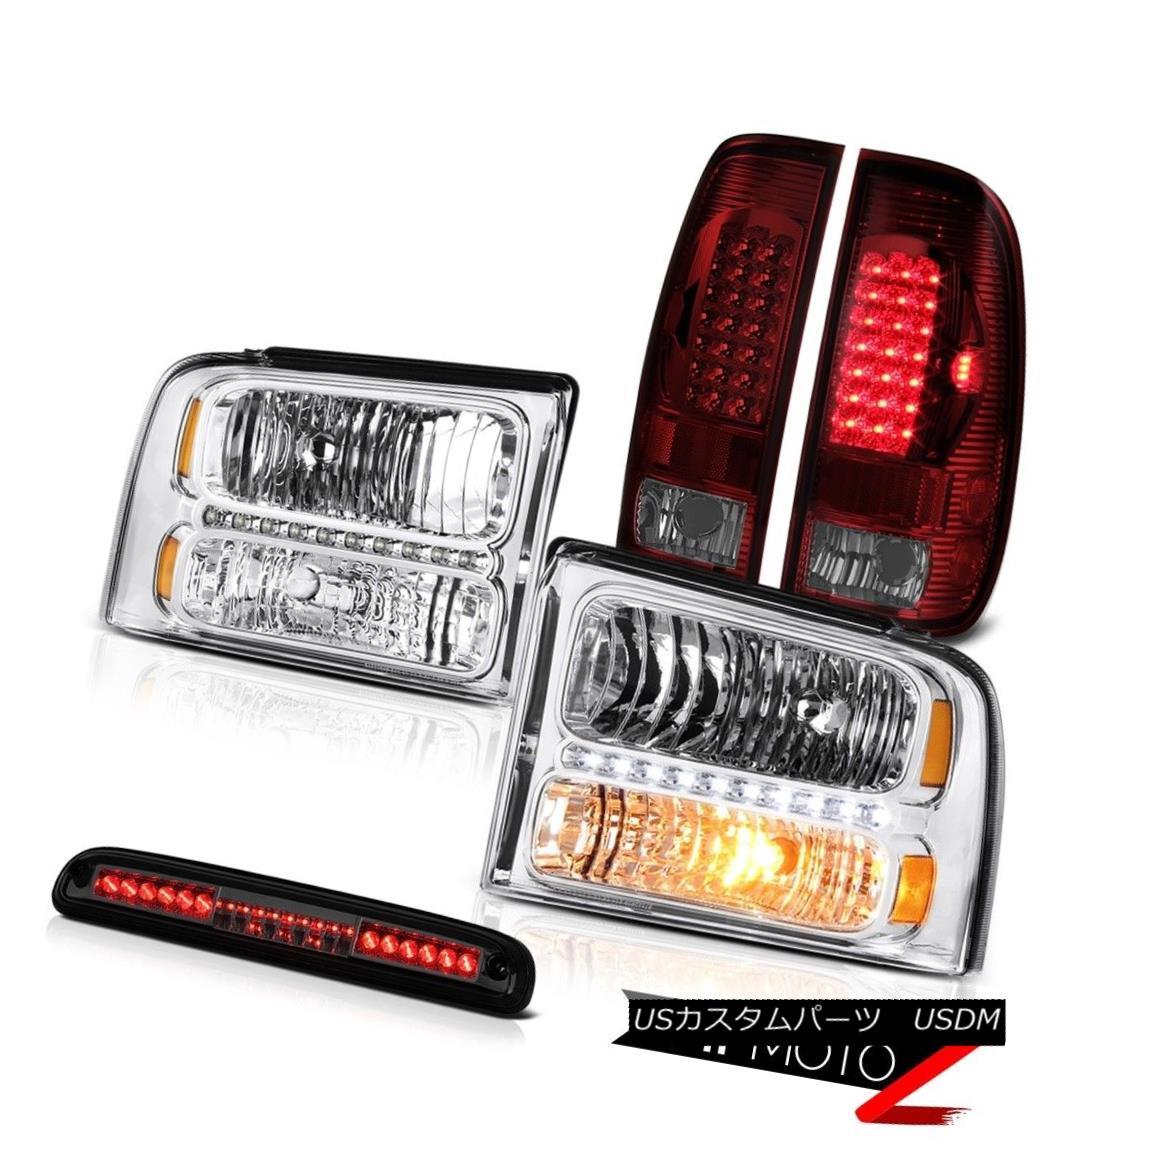 テールライト Clear Headlights LH RH LED Bulbs Tail Lights Roof Stop Smoke 05-07 F250 Highline クリアヘッドライトLH RH LED電球テールライトルーフストップスモーク05-07 F250 Highline